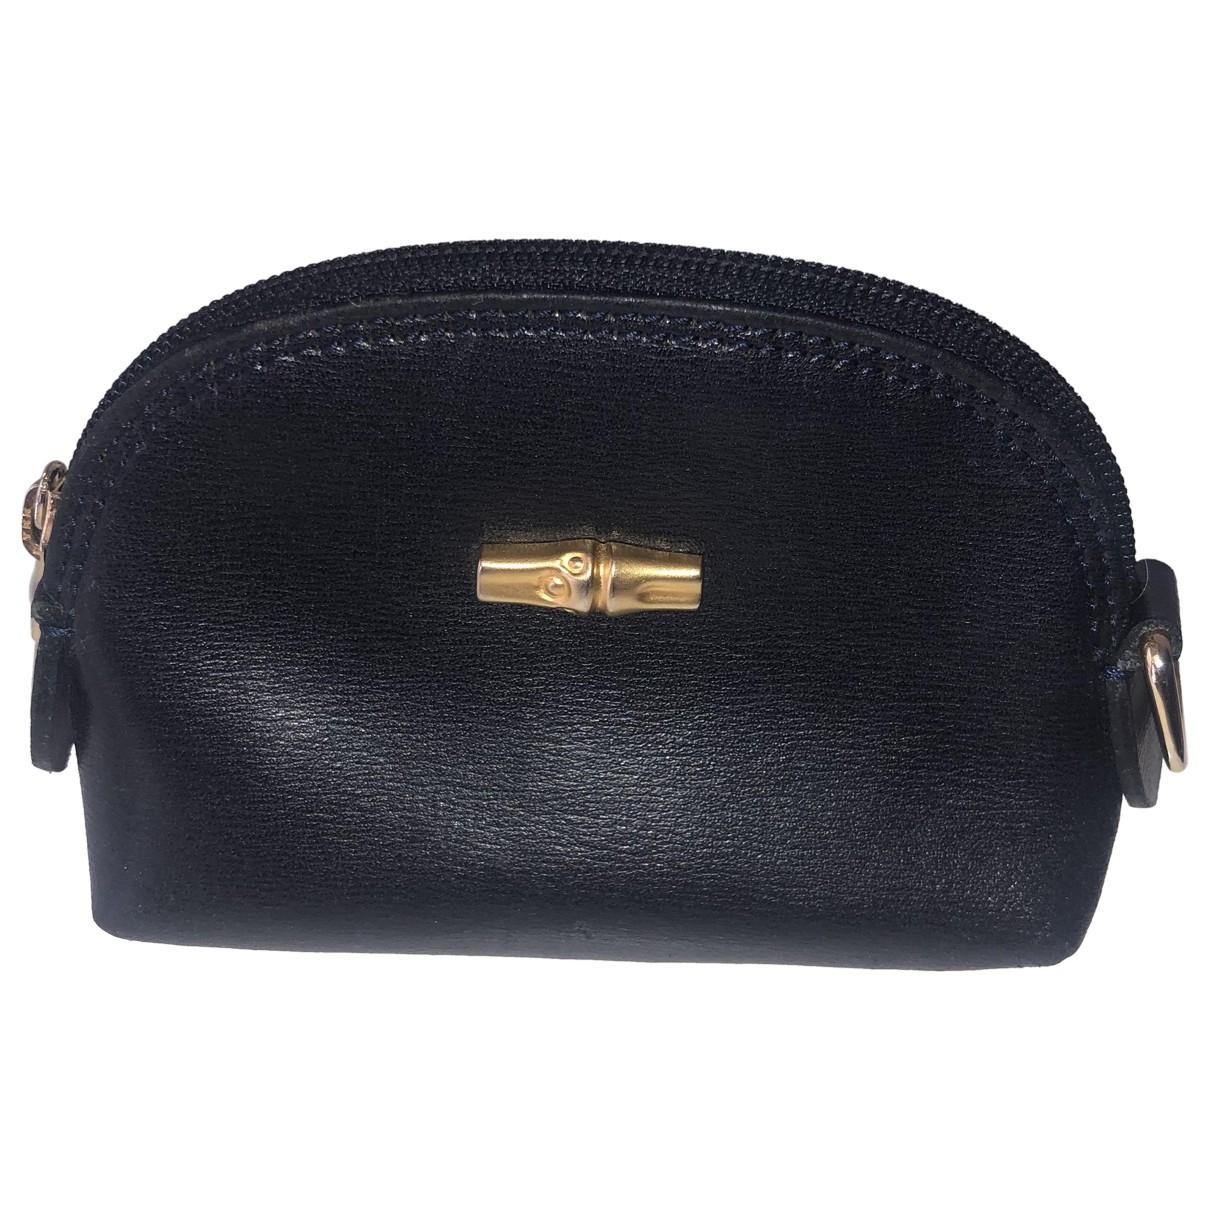 Longchamp - Portefeuille Roseau pour femme en cuir - marine